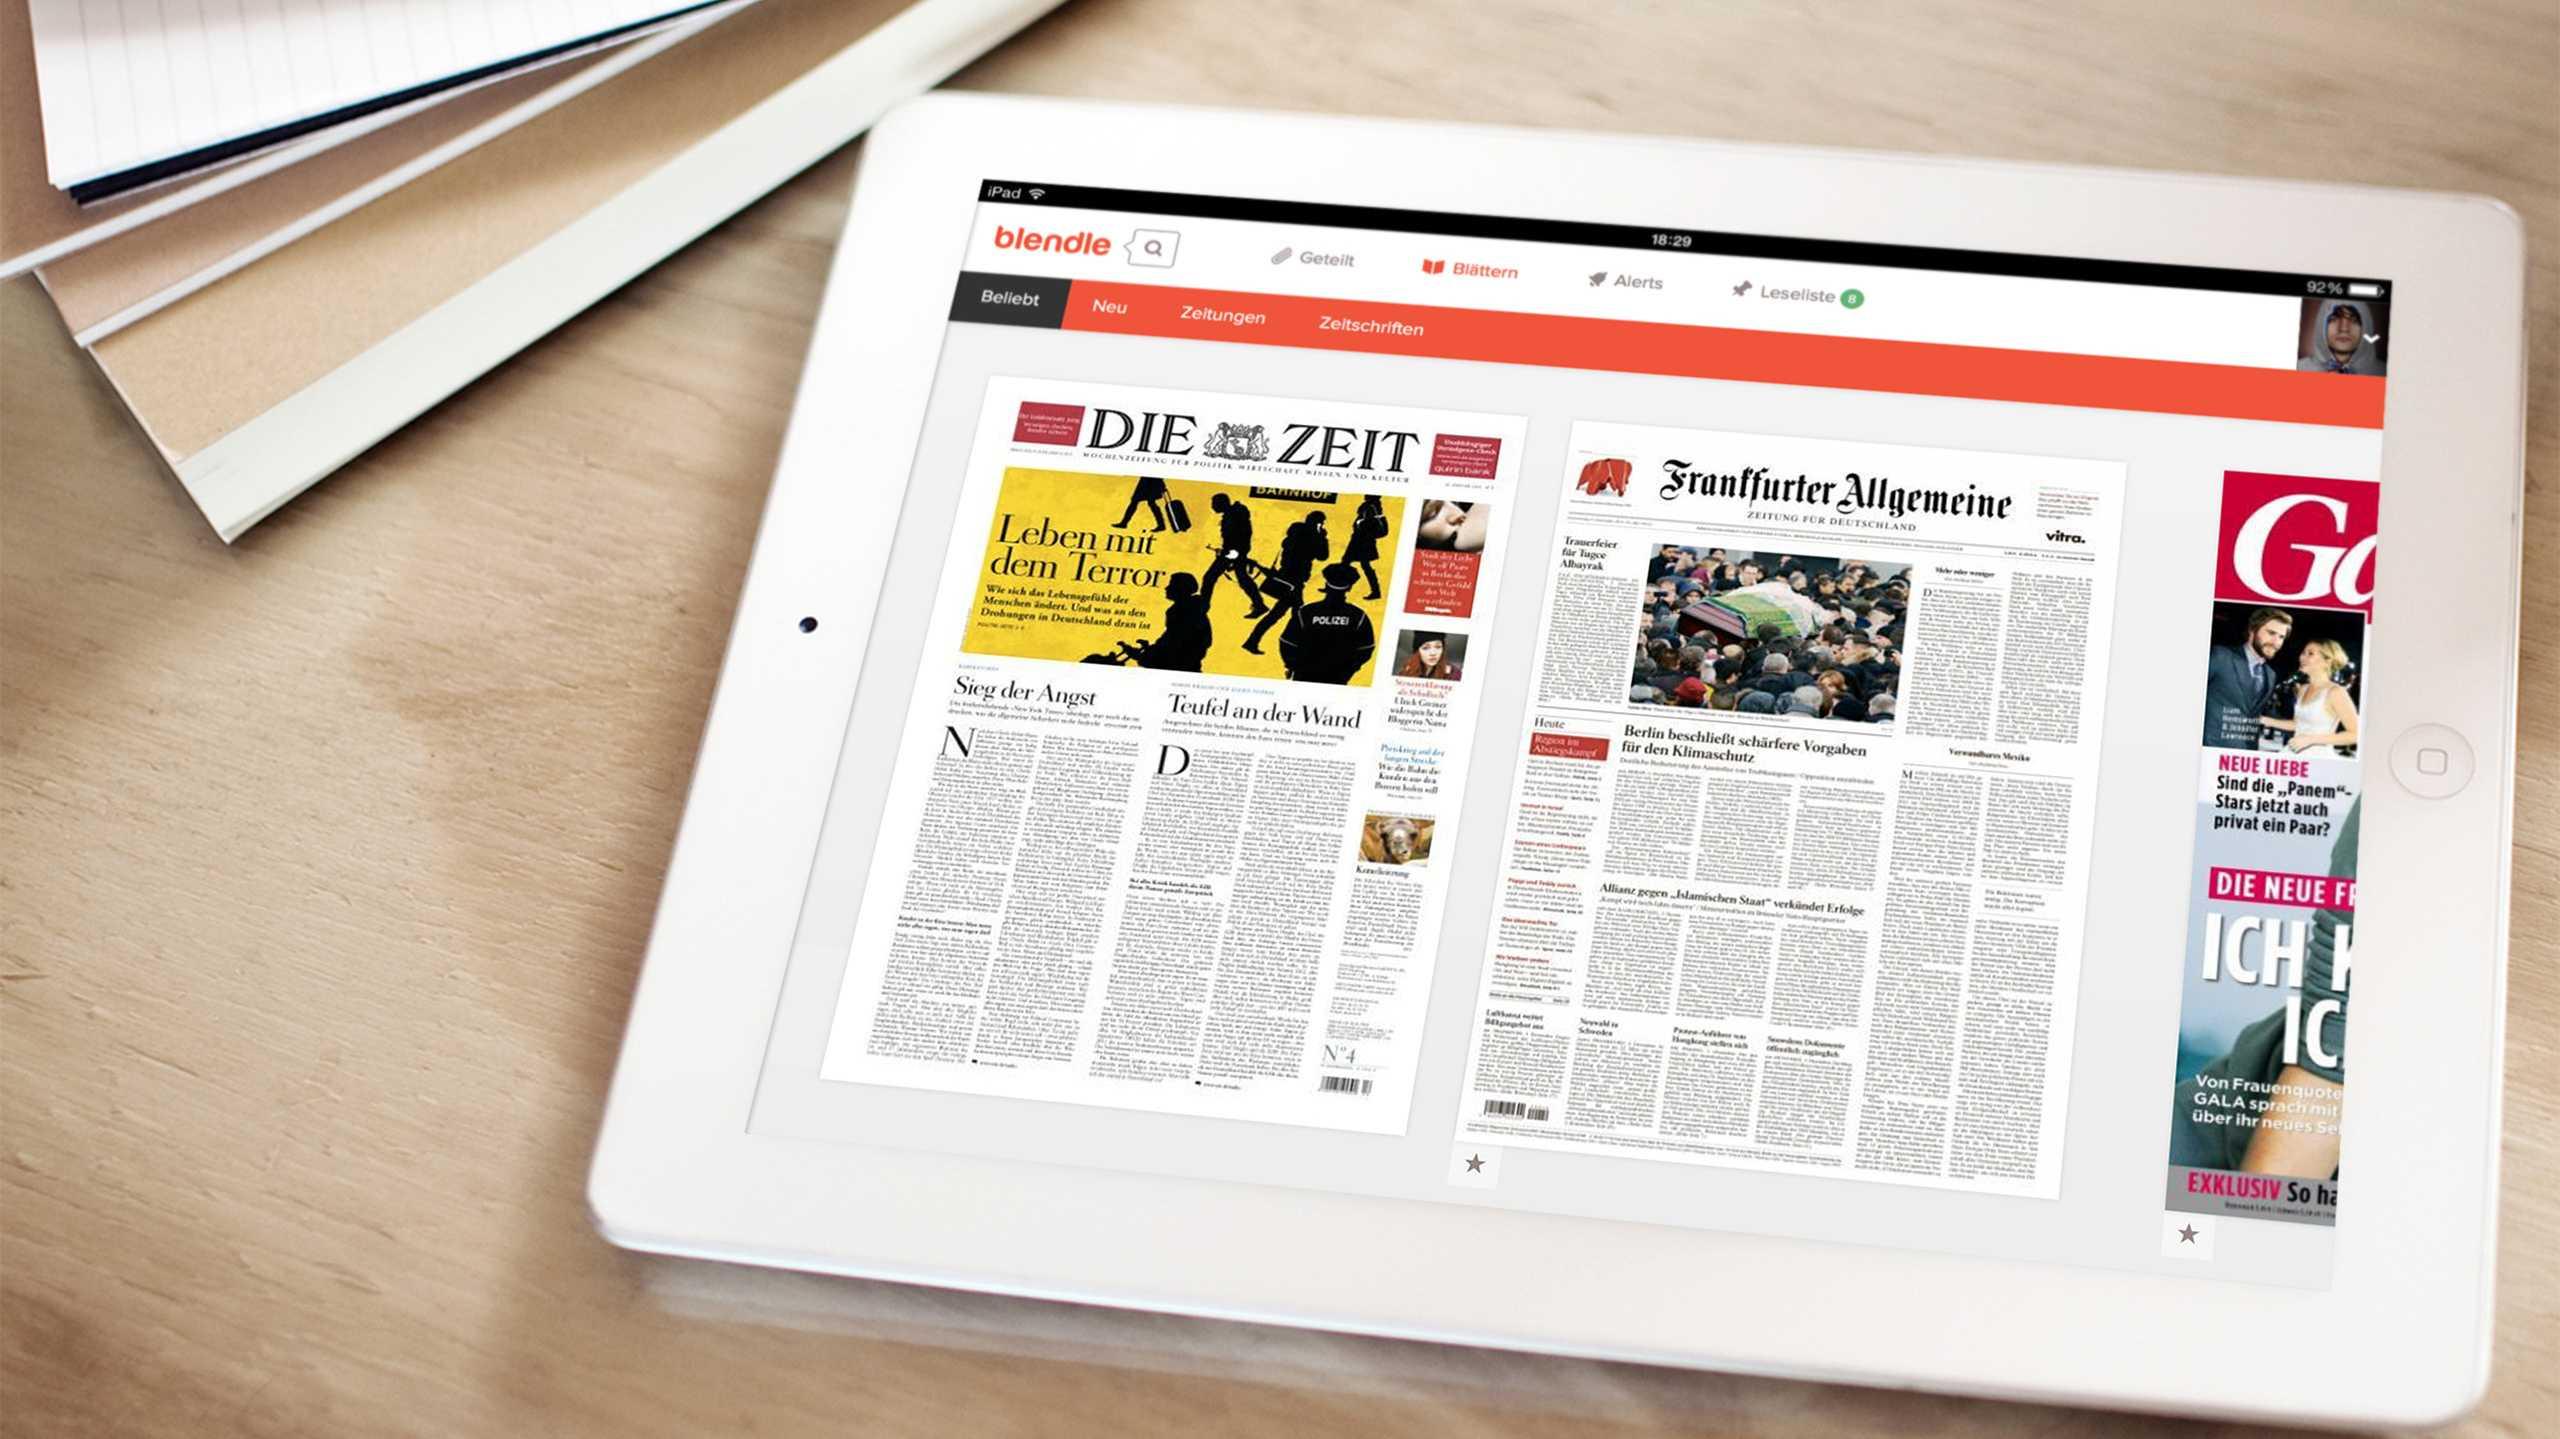 Bläten-Websites Jamaikanische mobile Pornos